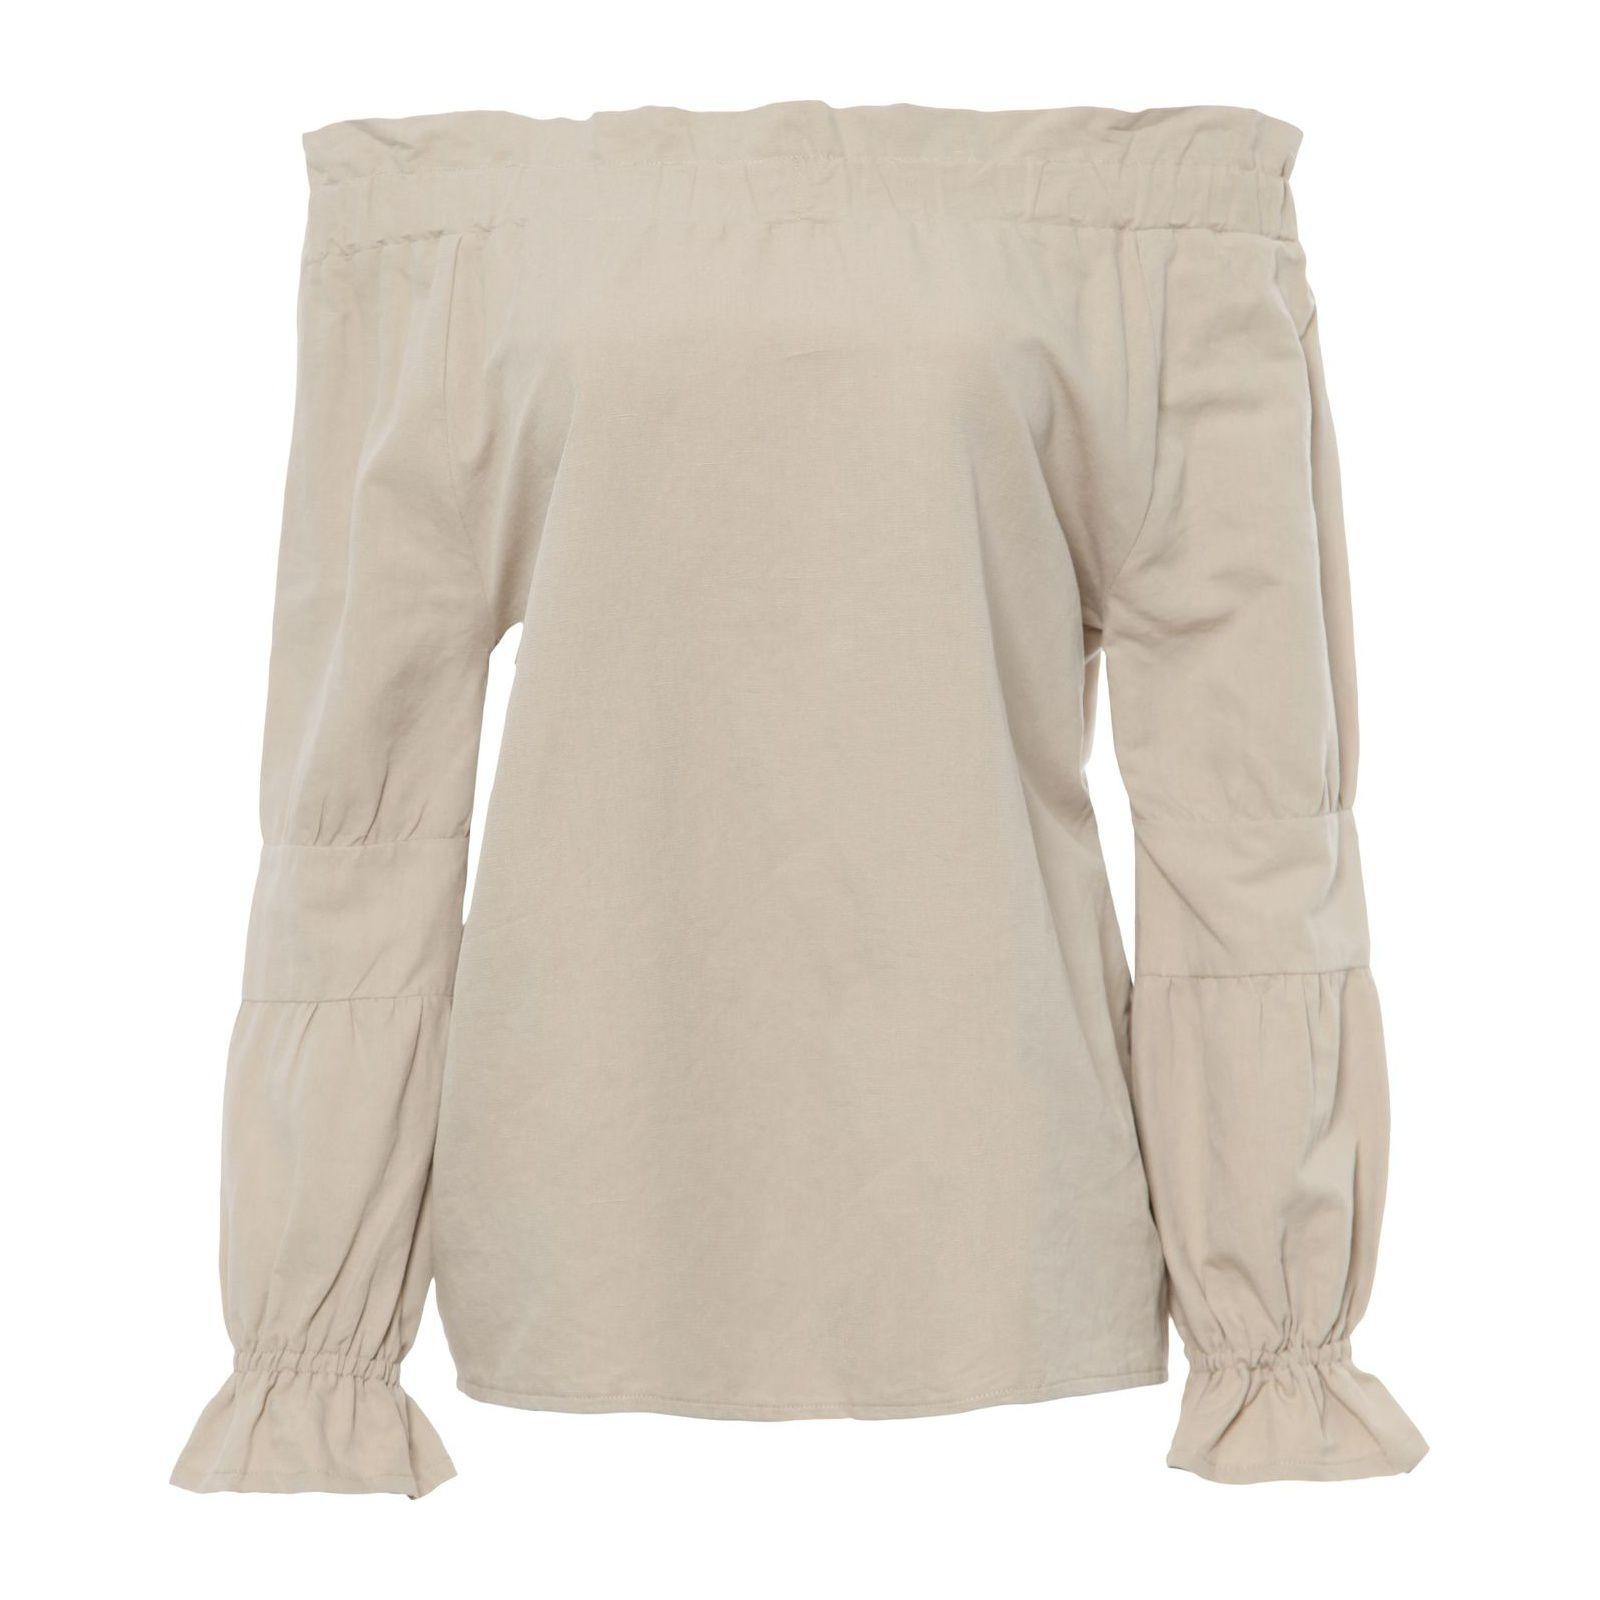 Blusa Ombro A Ombro Isabella Fiorentino - Bege